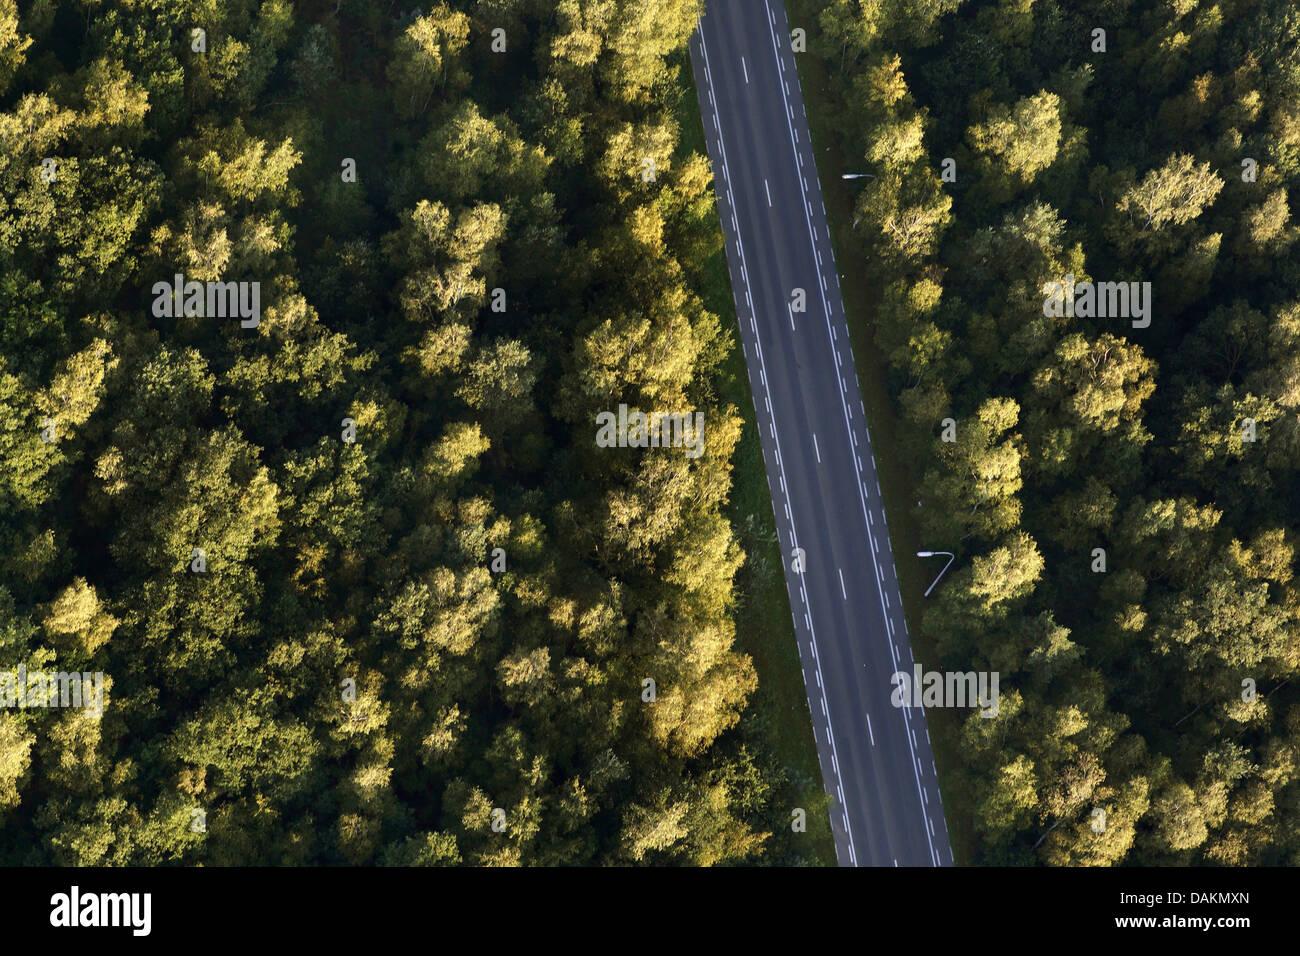 Vista aérea de calle que cruza un bosque, Bélgica Imagen De Stock